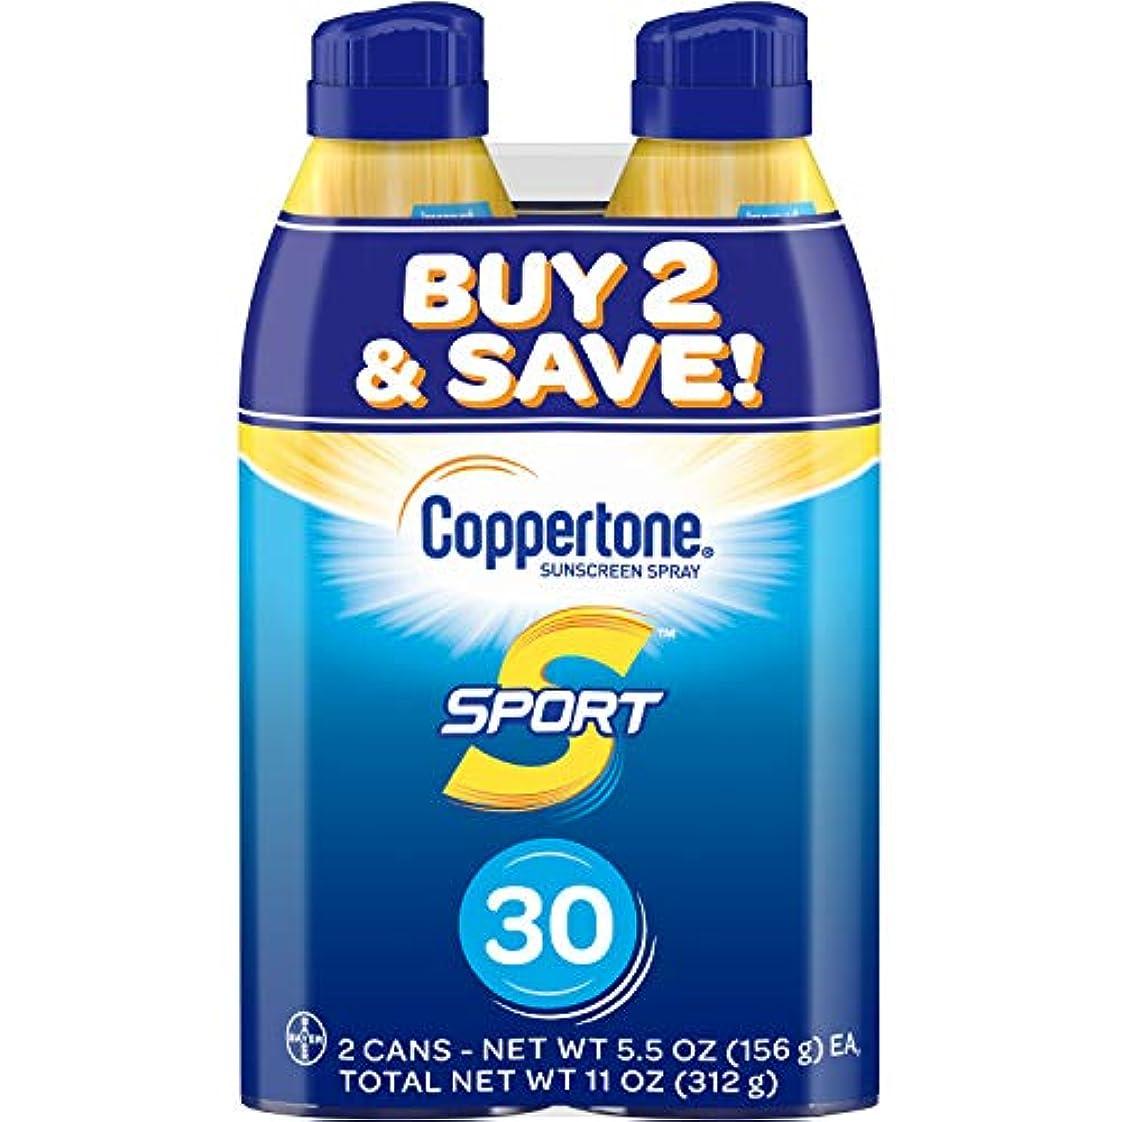 に慣れウサギ掻くCoppertone スポーツ連写日焼け止め広域スペクトルSPFスプレー30(5.5オンスボトル、ツインパック)